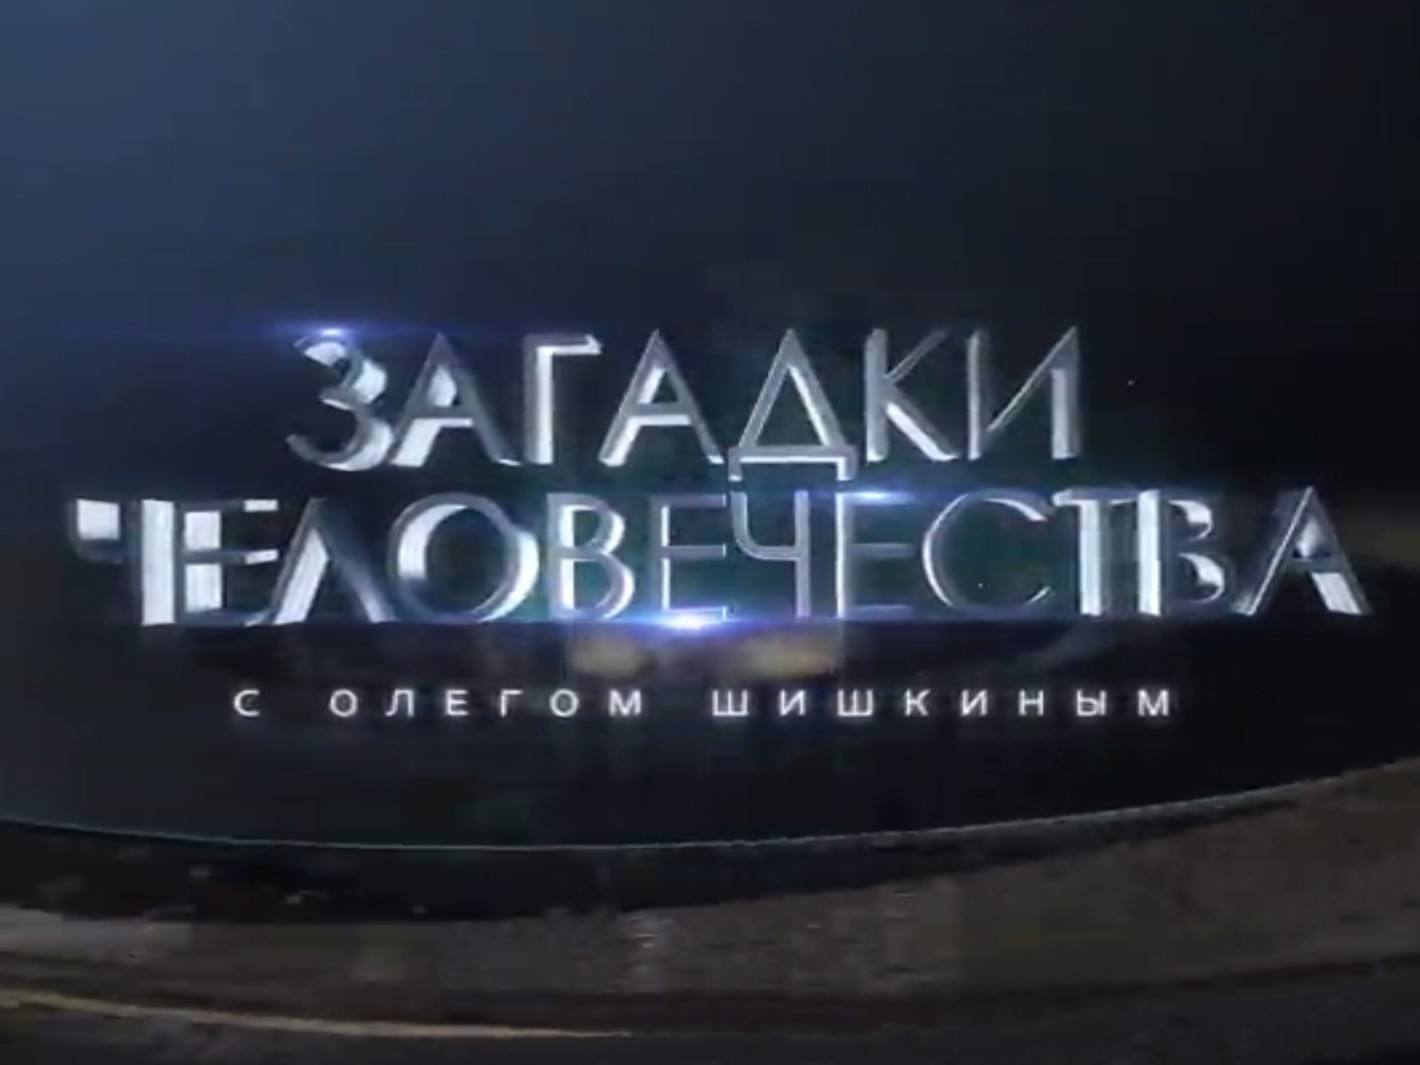 Загадки человечества с Олегом Шишкиным 458 серия в 13:00 на канале РЕН ТВ